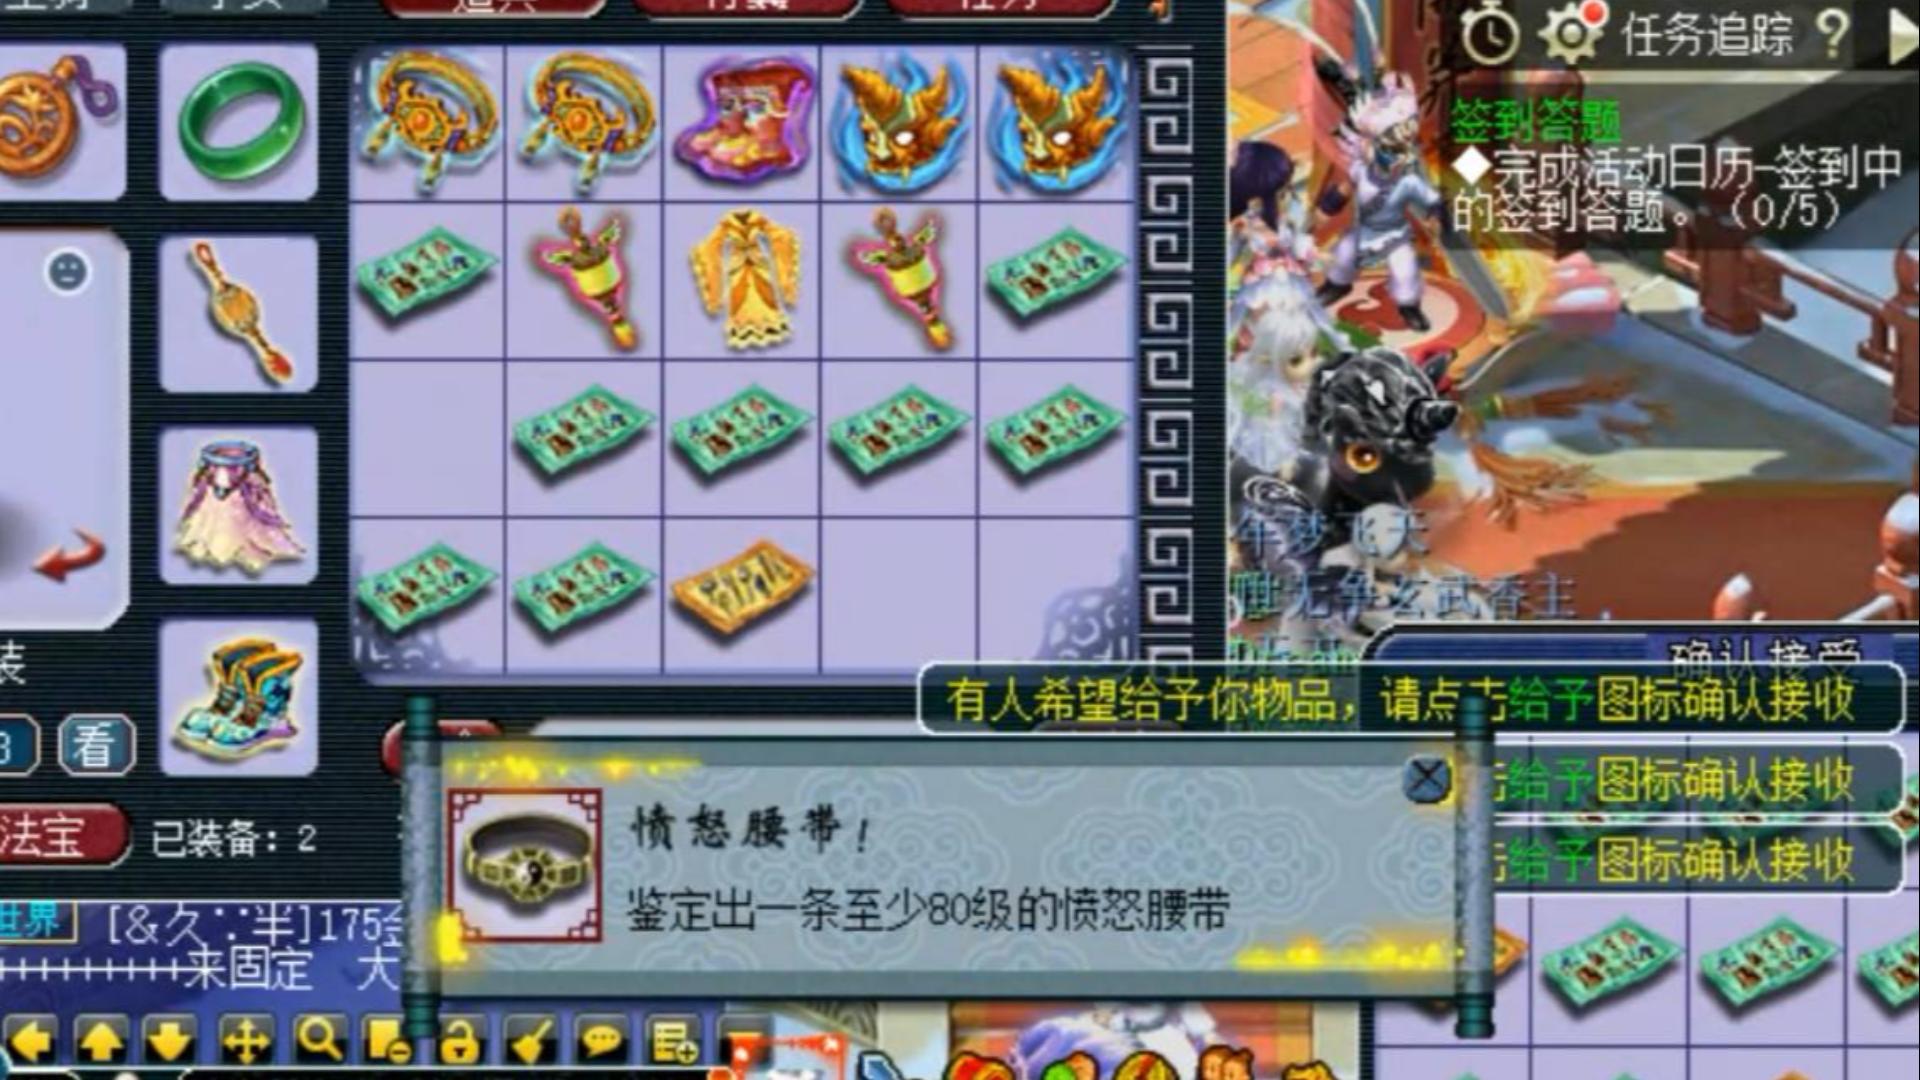 梦幻西游:老王鉴定第一个就跳出愤怒成就,就看有没有特技了?